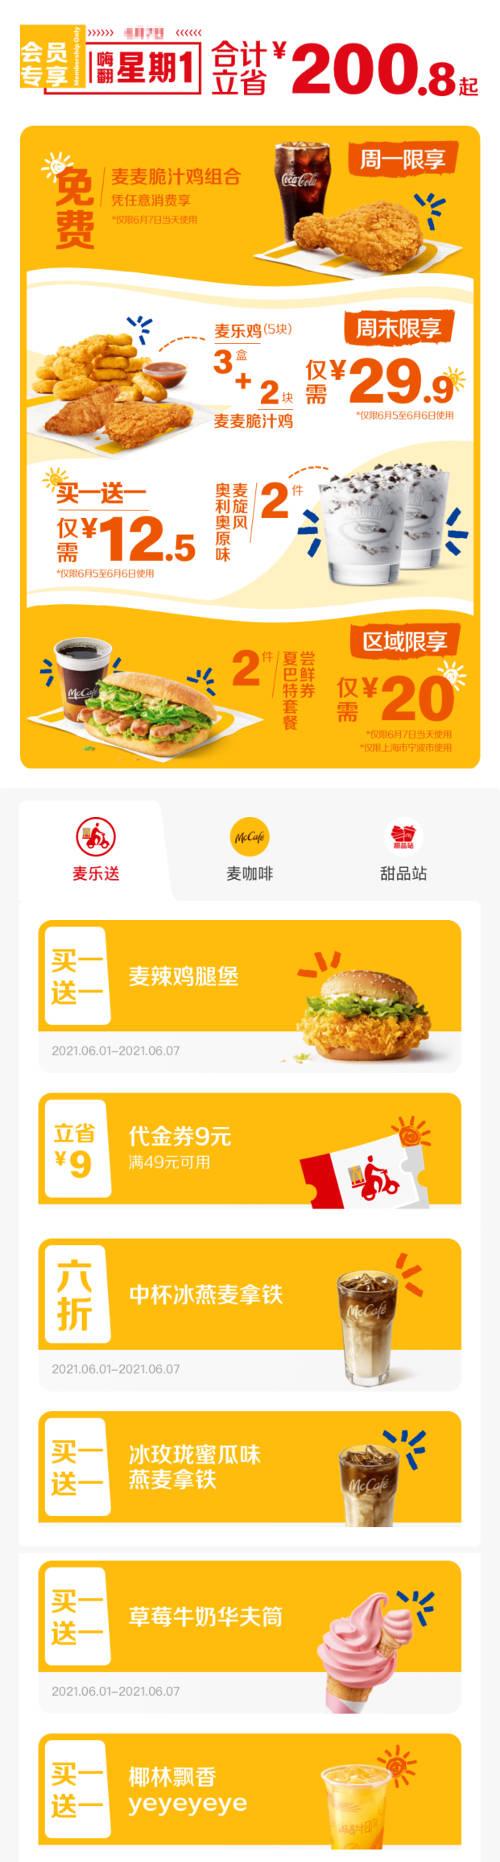 优惠券图片:麦当劳周优惠券领取,周一免费限享 买一送一等多款优惠 有效期2020年05月12日-2022年12月31日